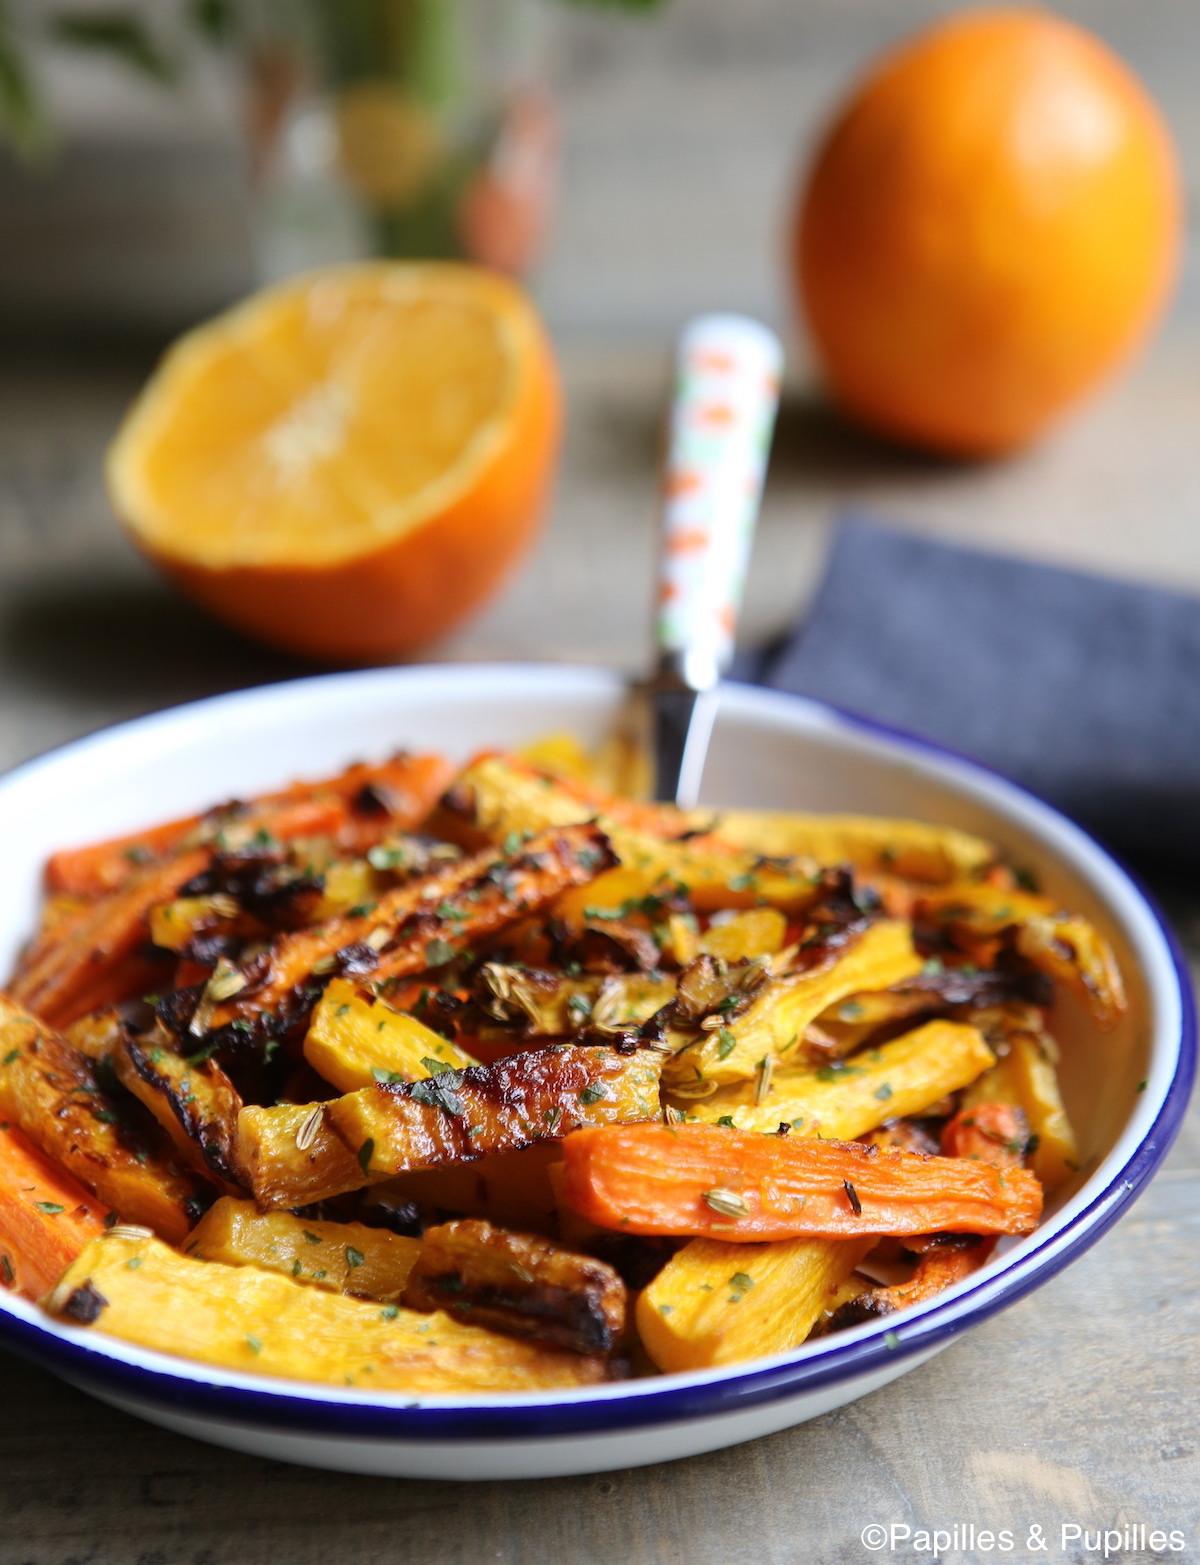 Salade de carottes fenouil et jus d'orange